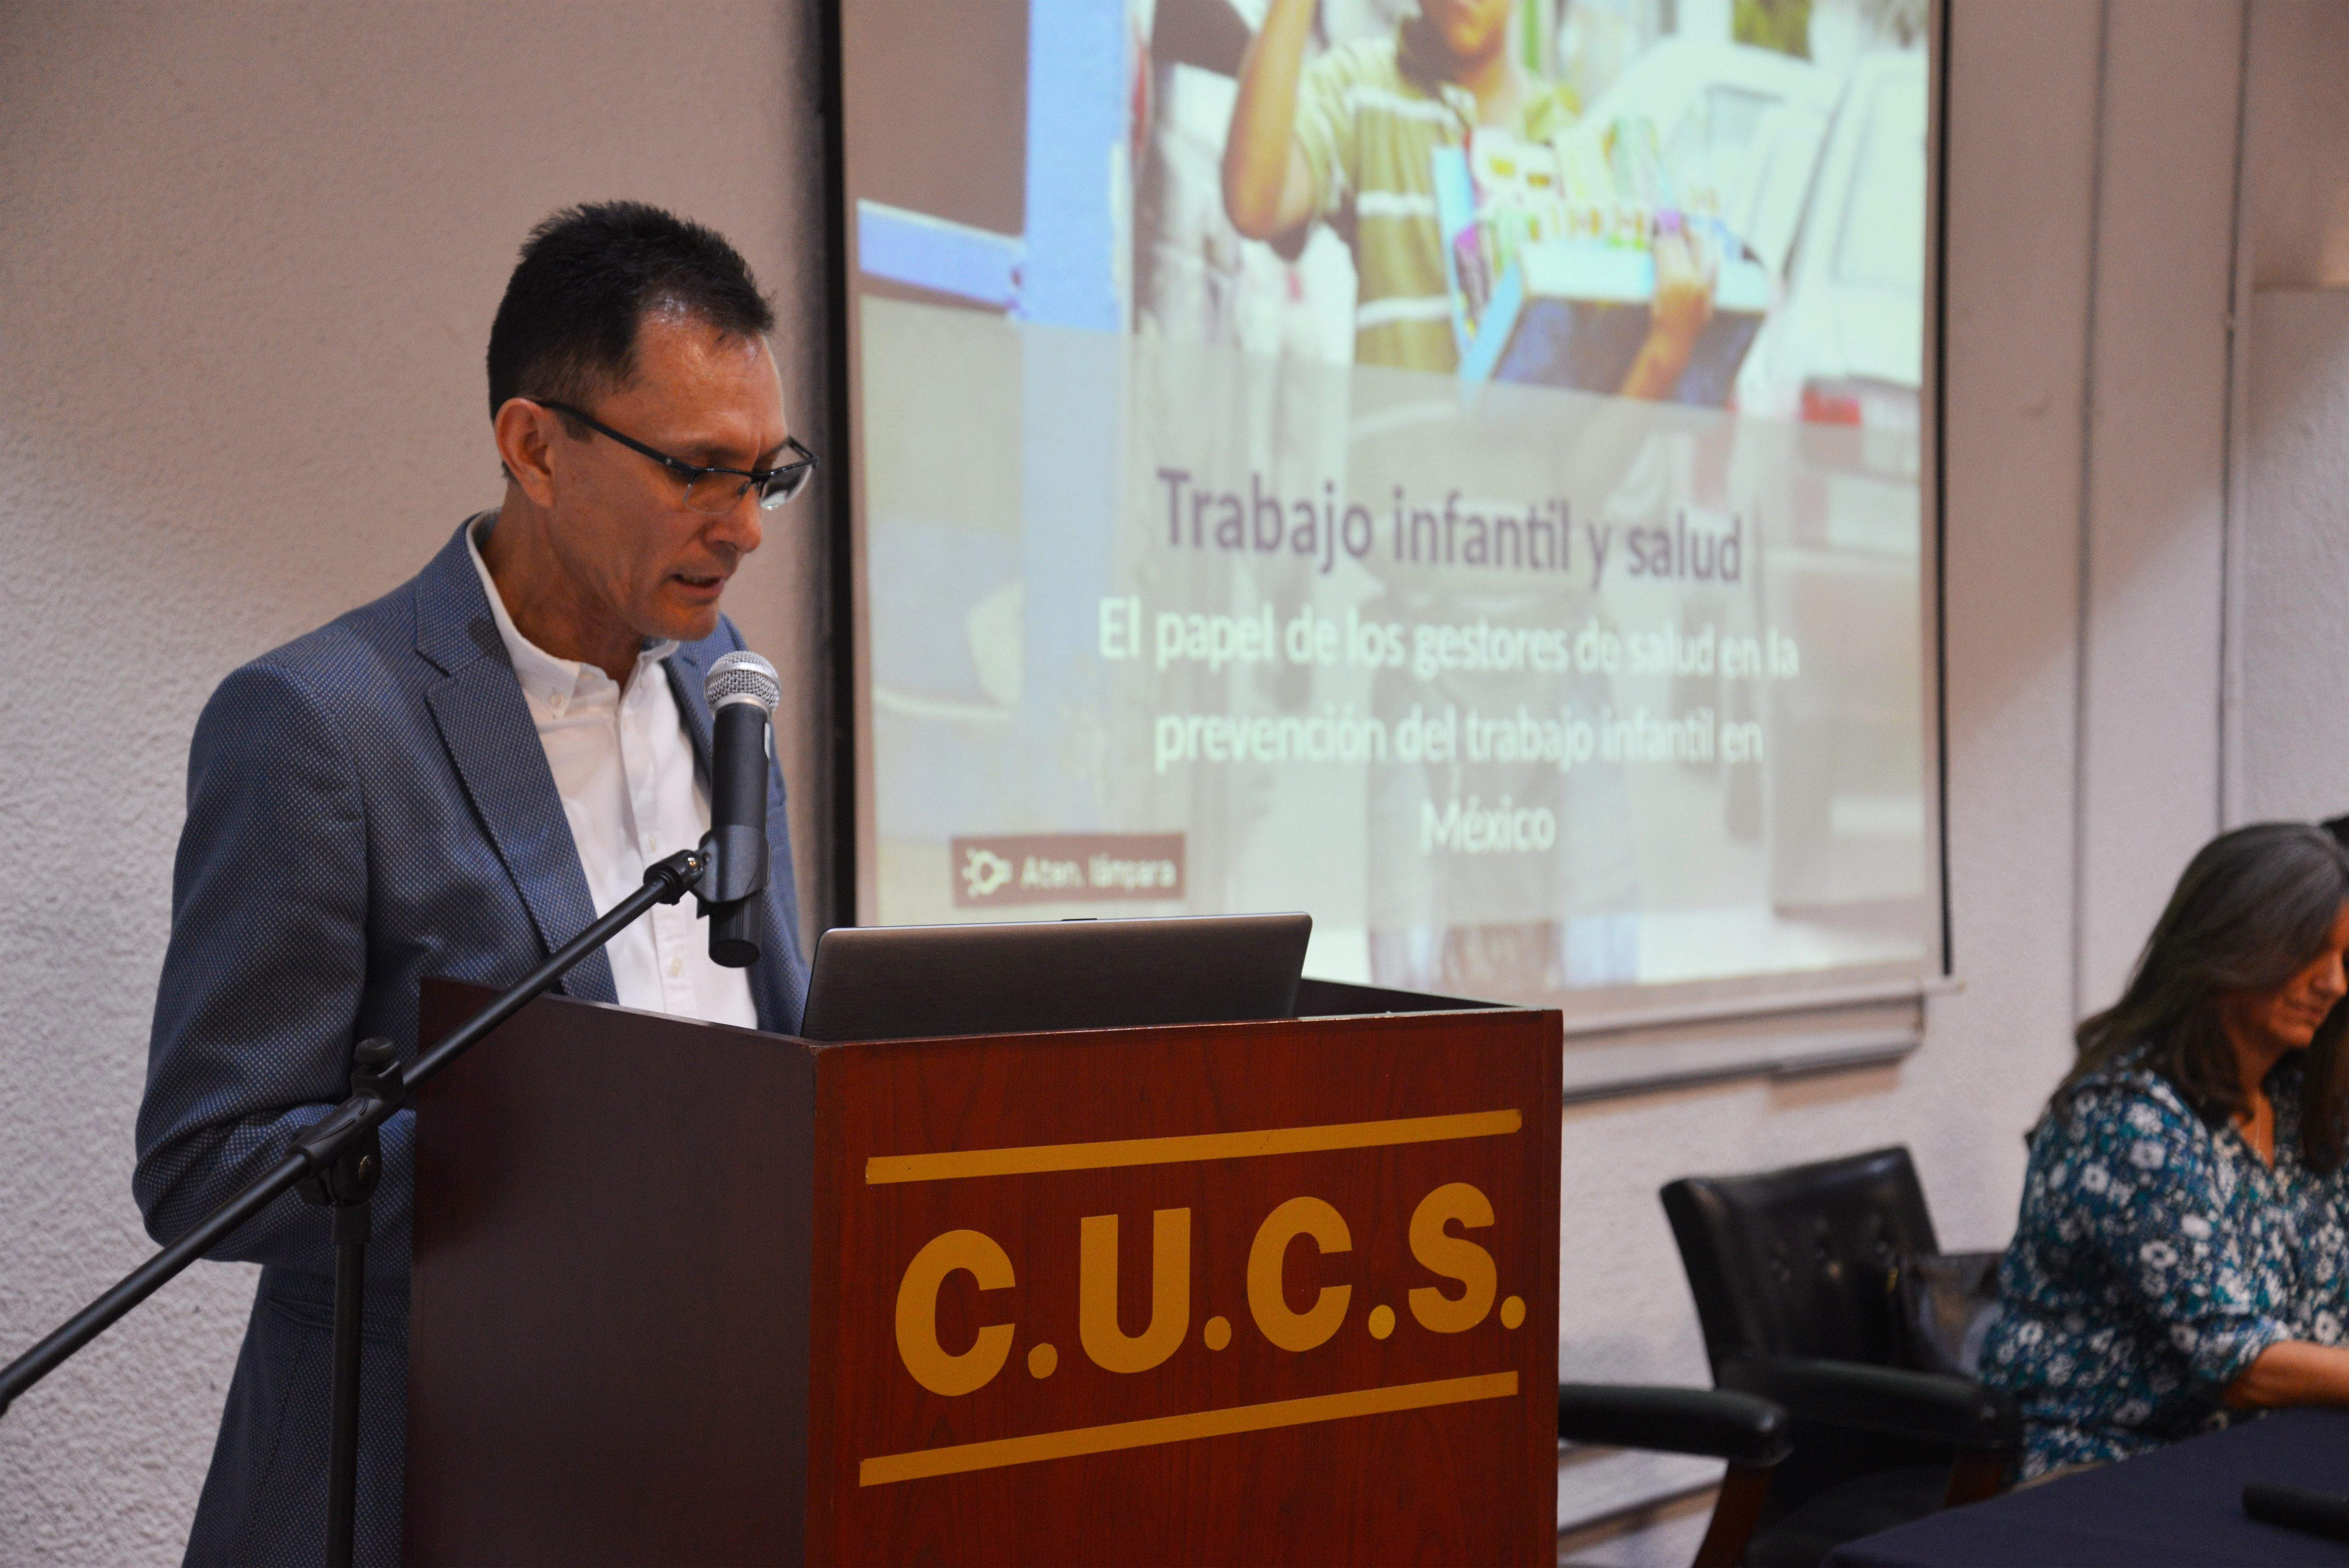 Dr. Martín Acosta dando mensaje de bienvenida